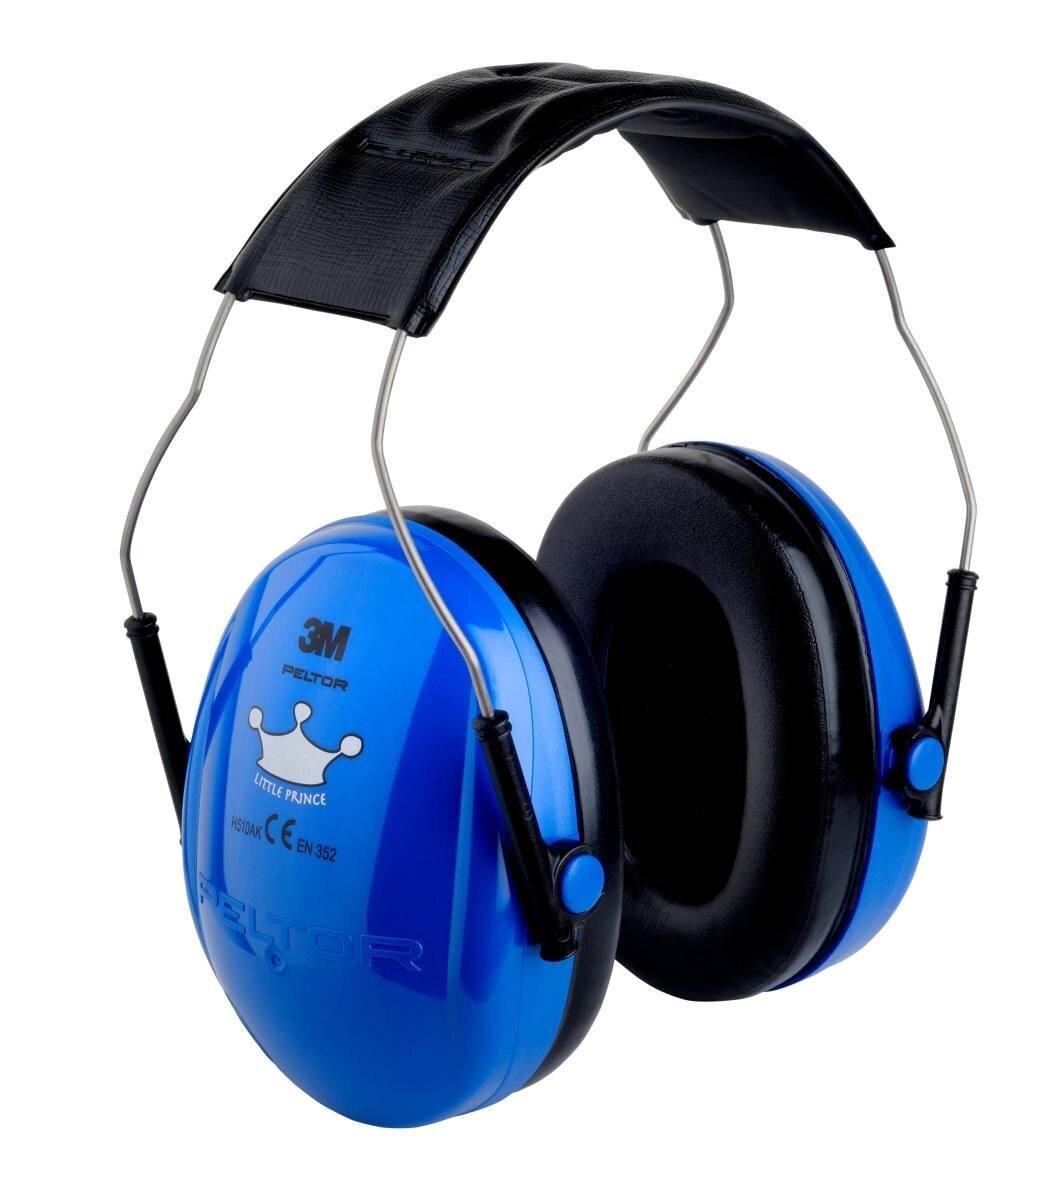 """3M Peltor Kids Prince blau SNR=27 dB Kinder Gehörschutz"""""""